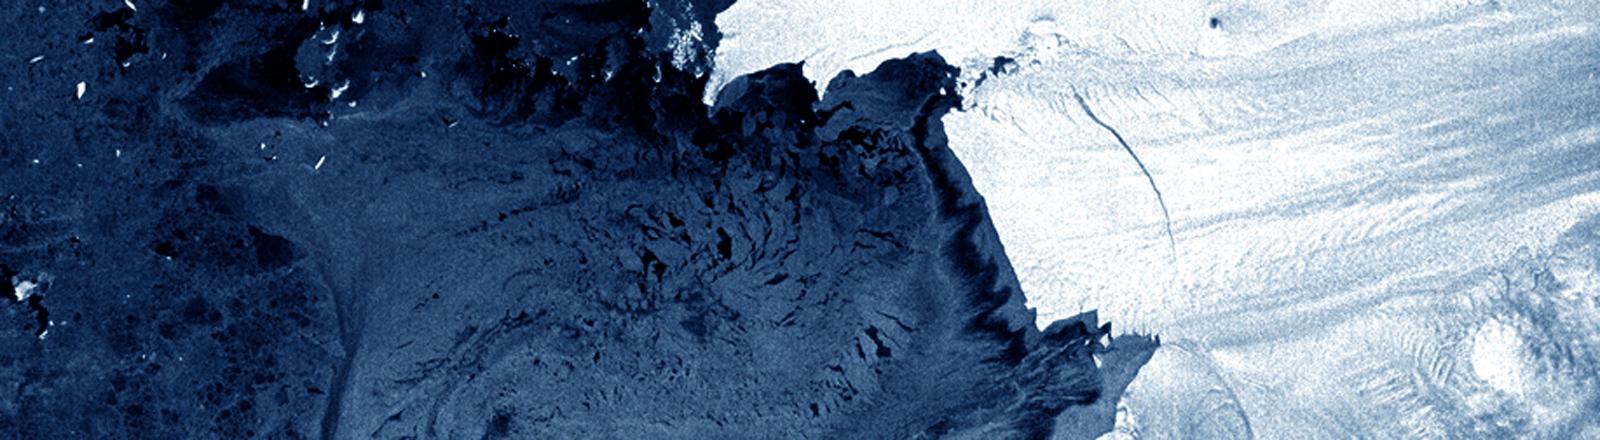 Satellitenaufnahme der Antarktis